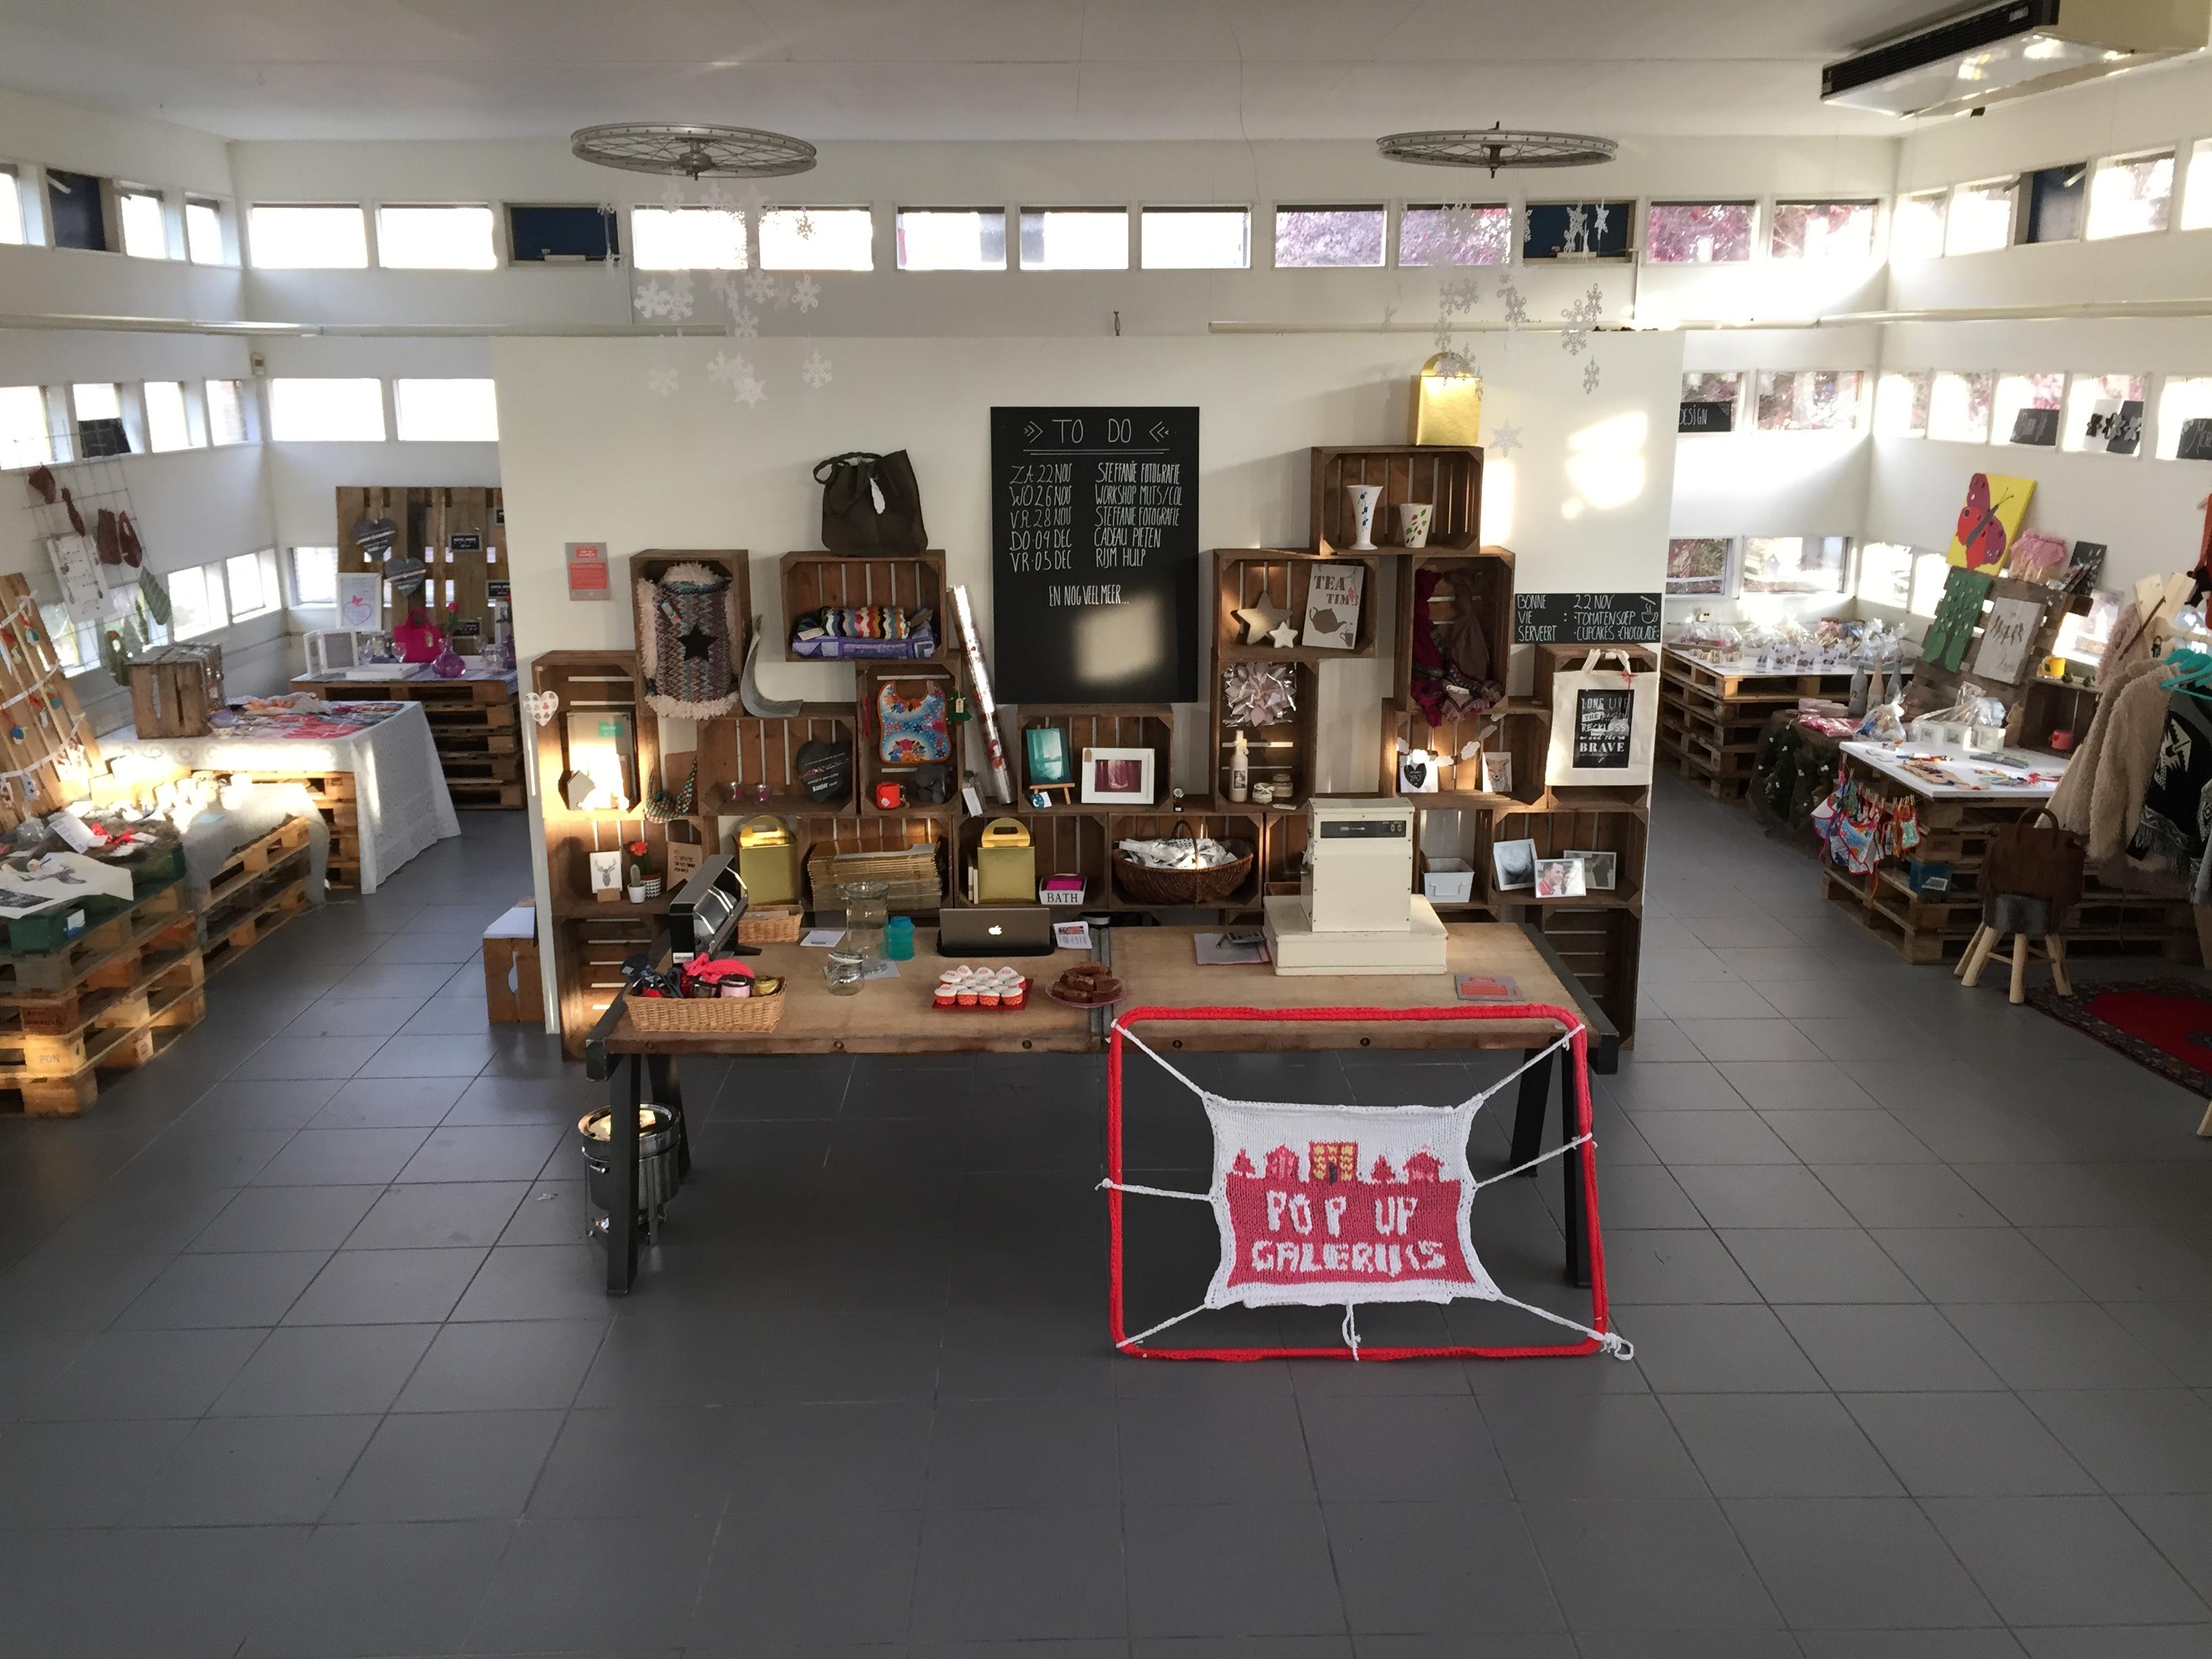 Pop-up store Galerij 15